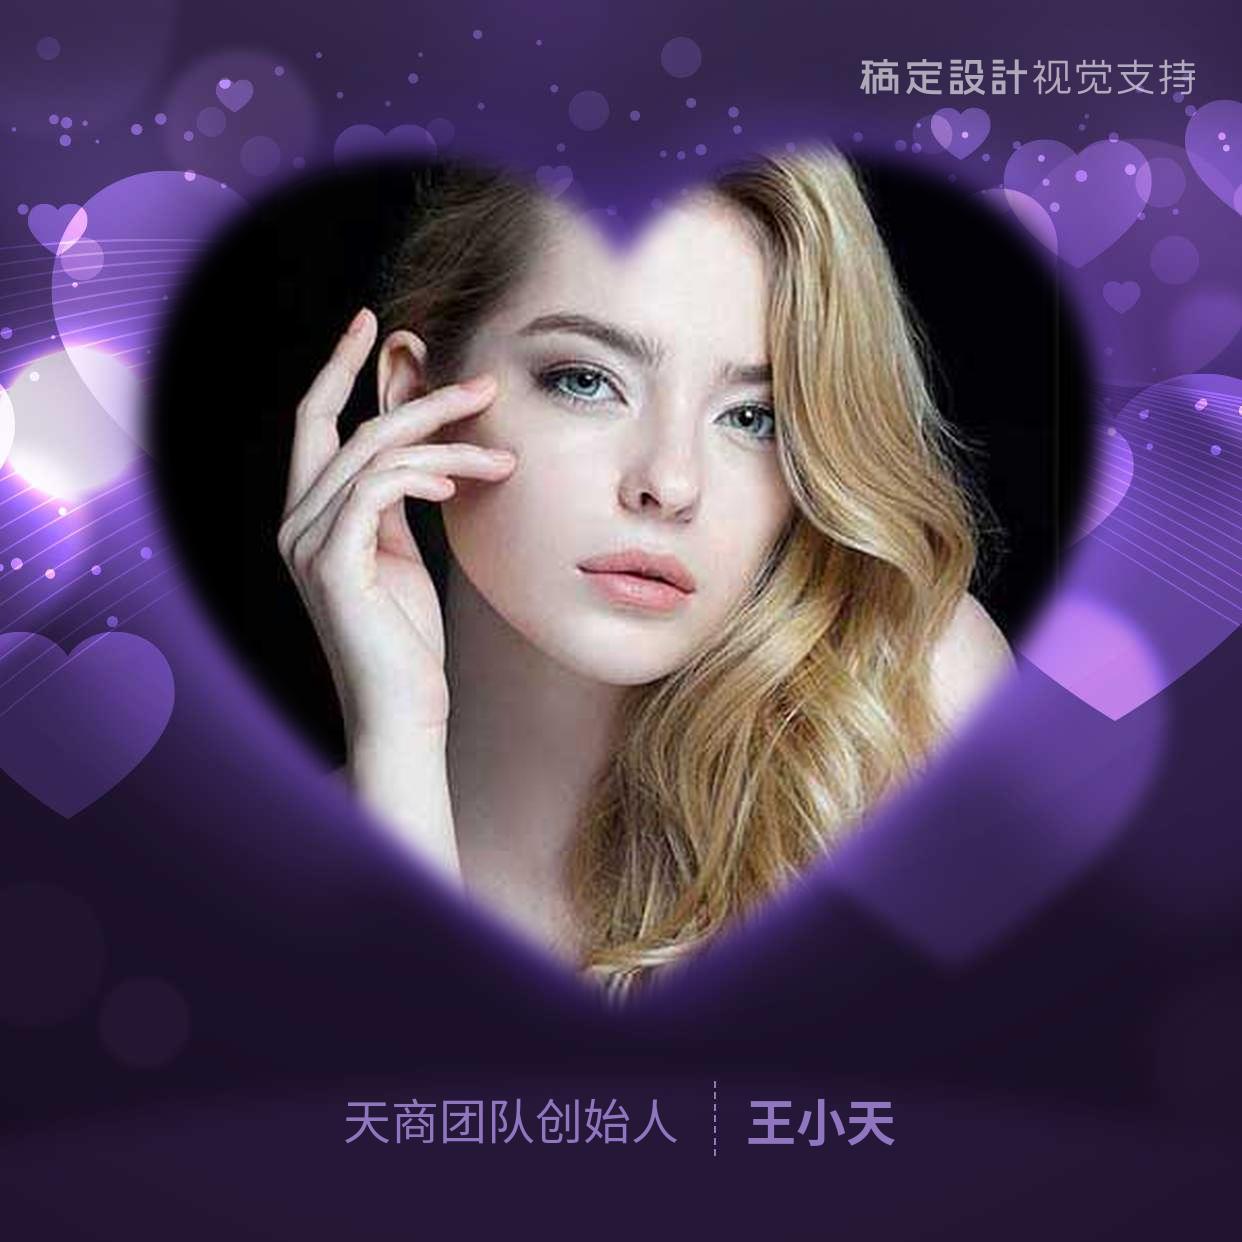 紫色炫酷少女心形头像